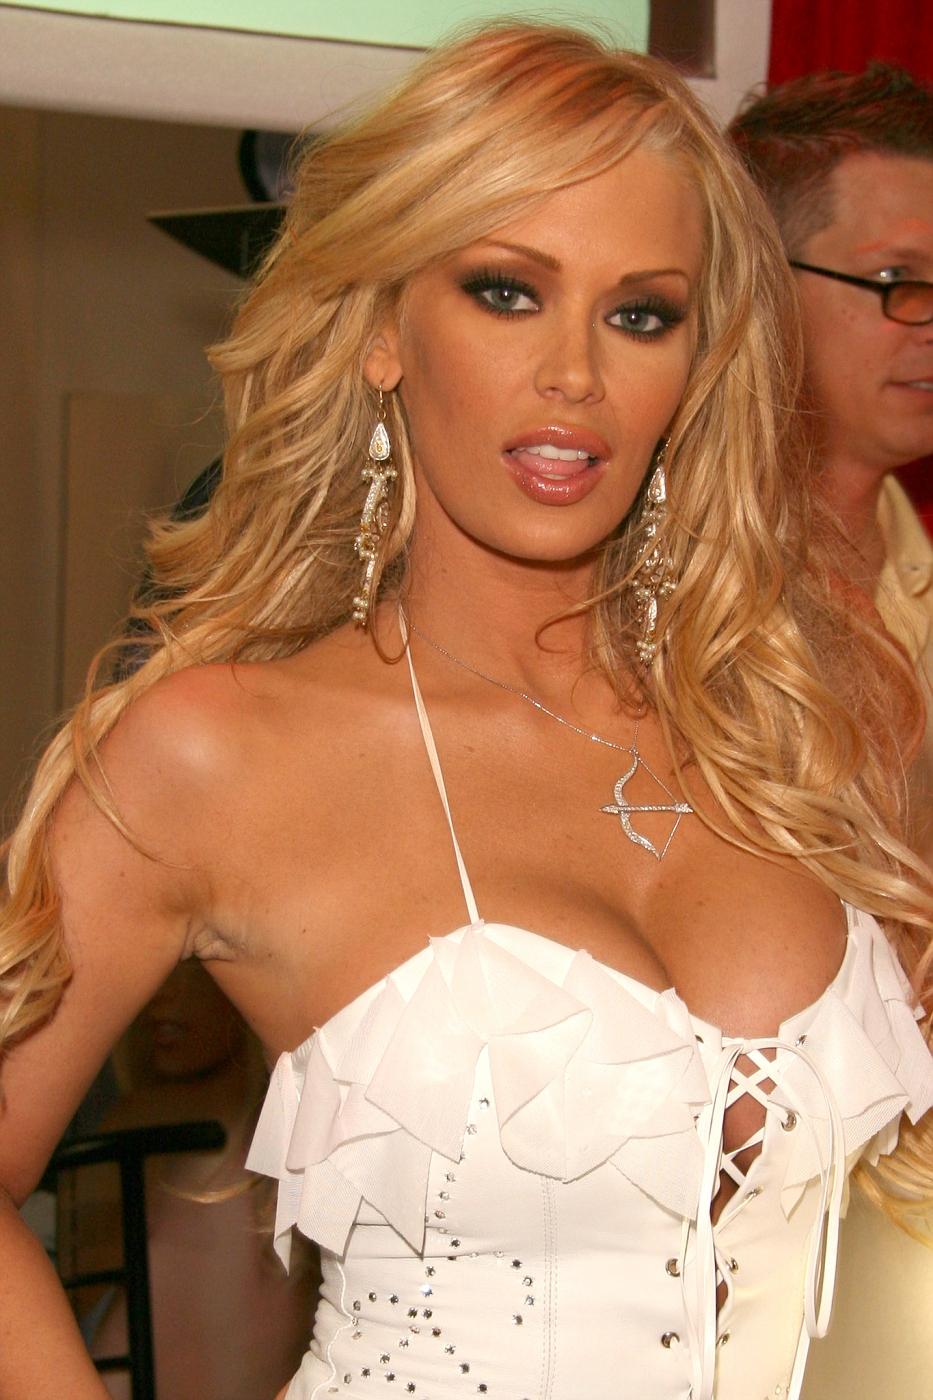 Melissa schuman naked